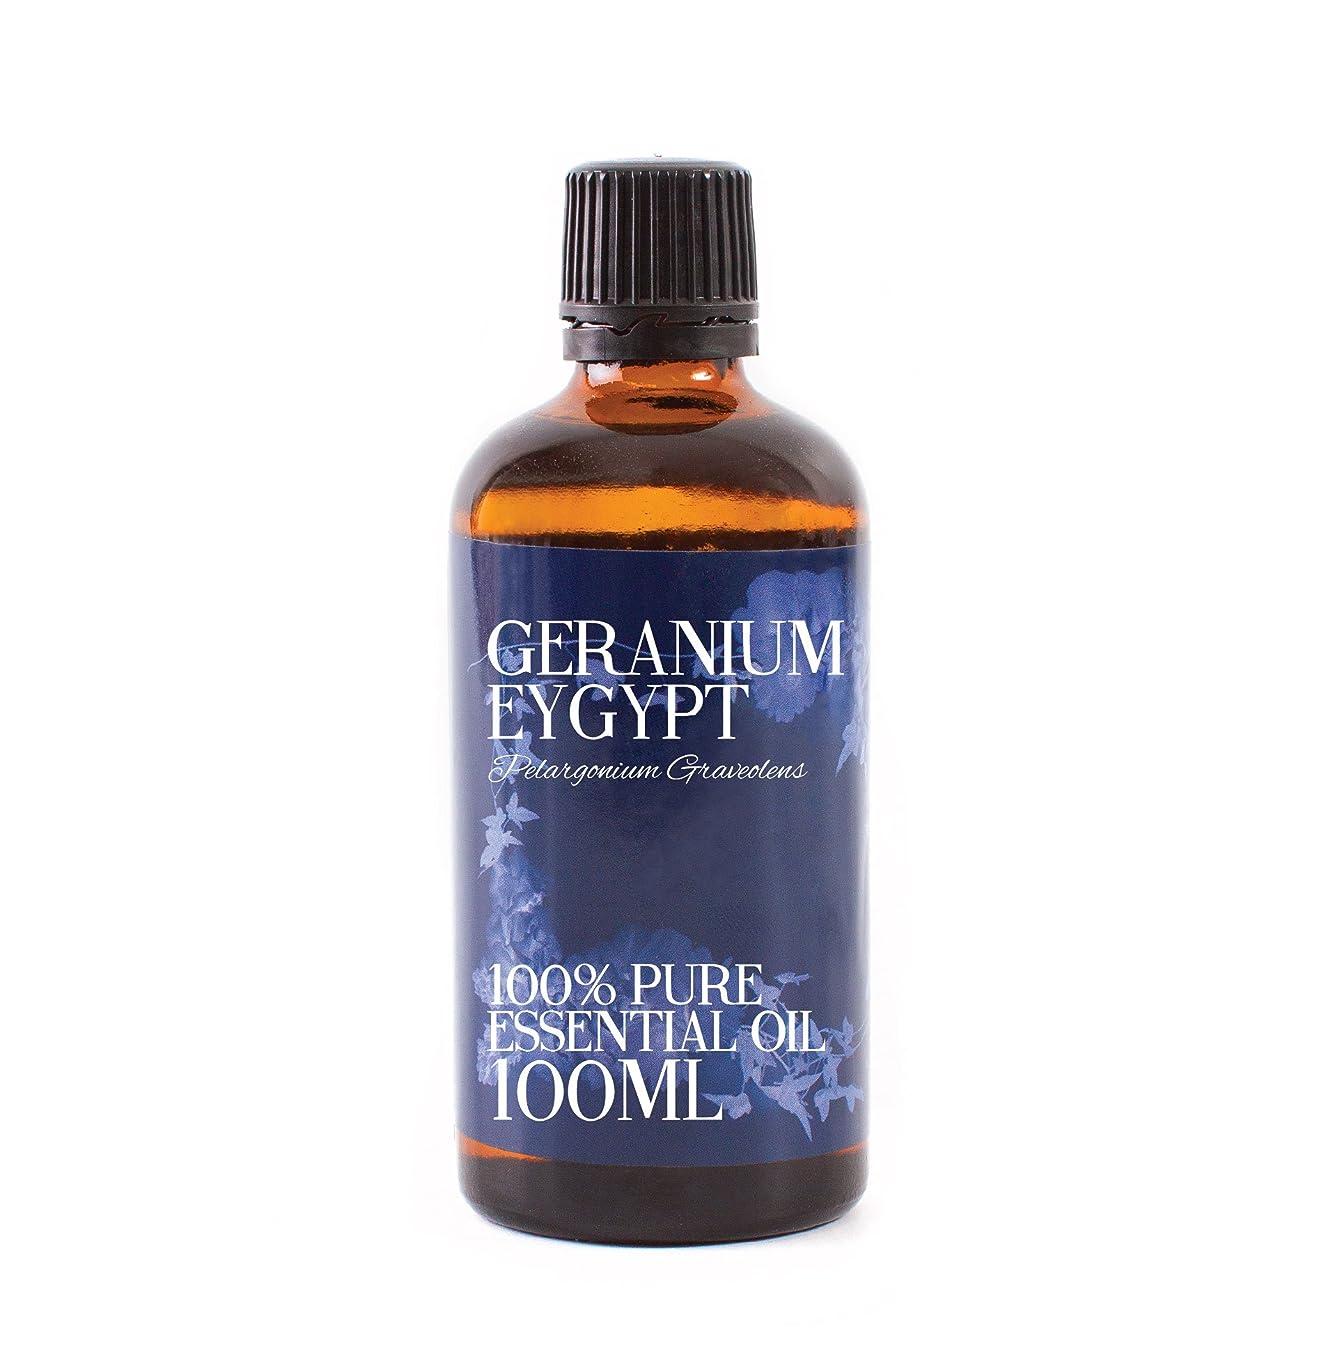 ボランティア後方につぶすMystic Moments | Geranium Egypt Essential Oil - 100ml - 100% Pure